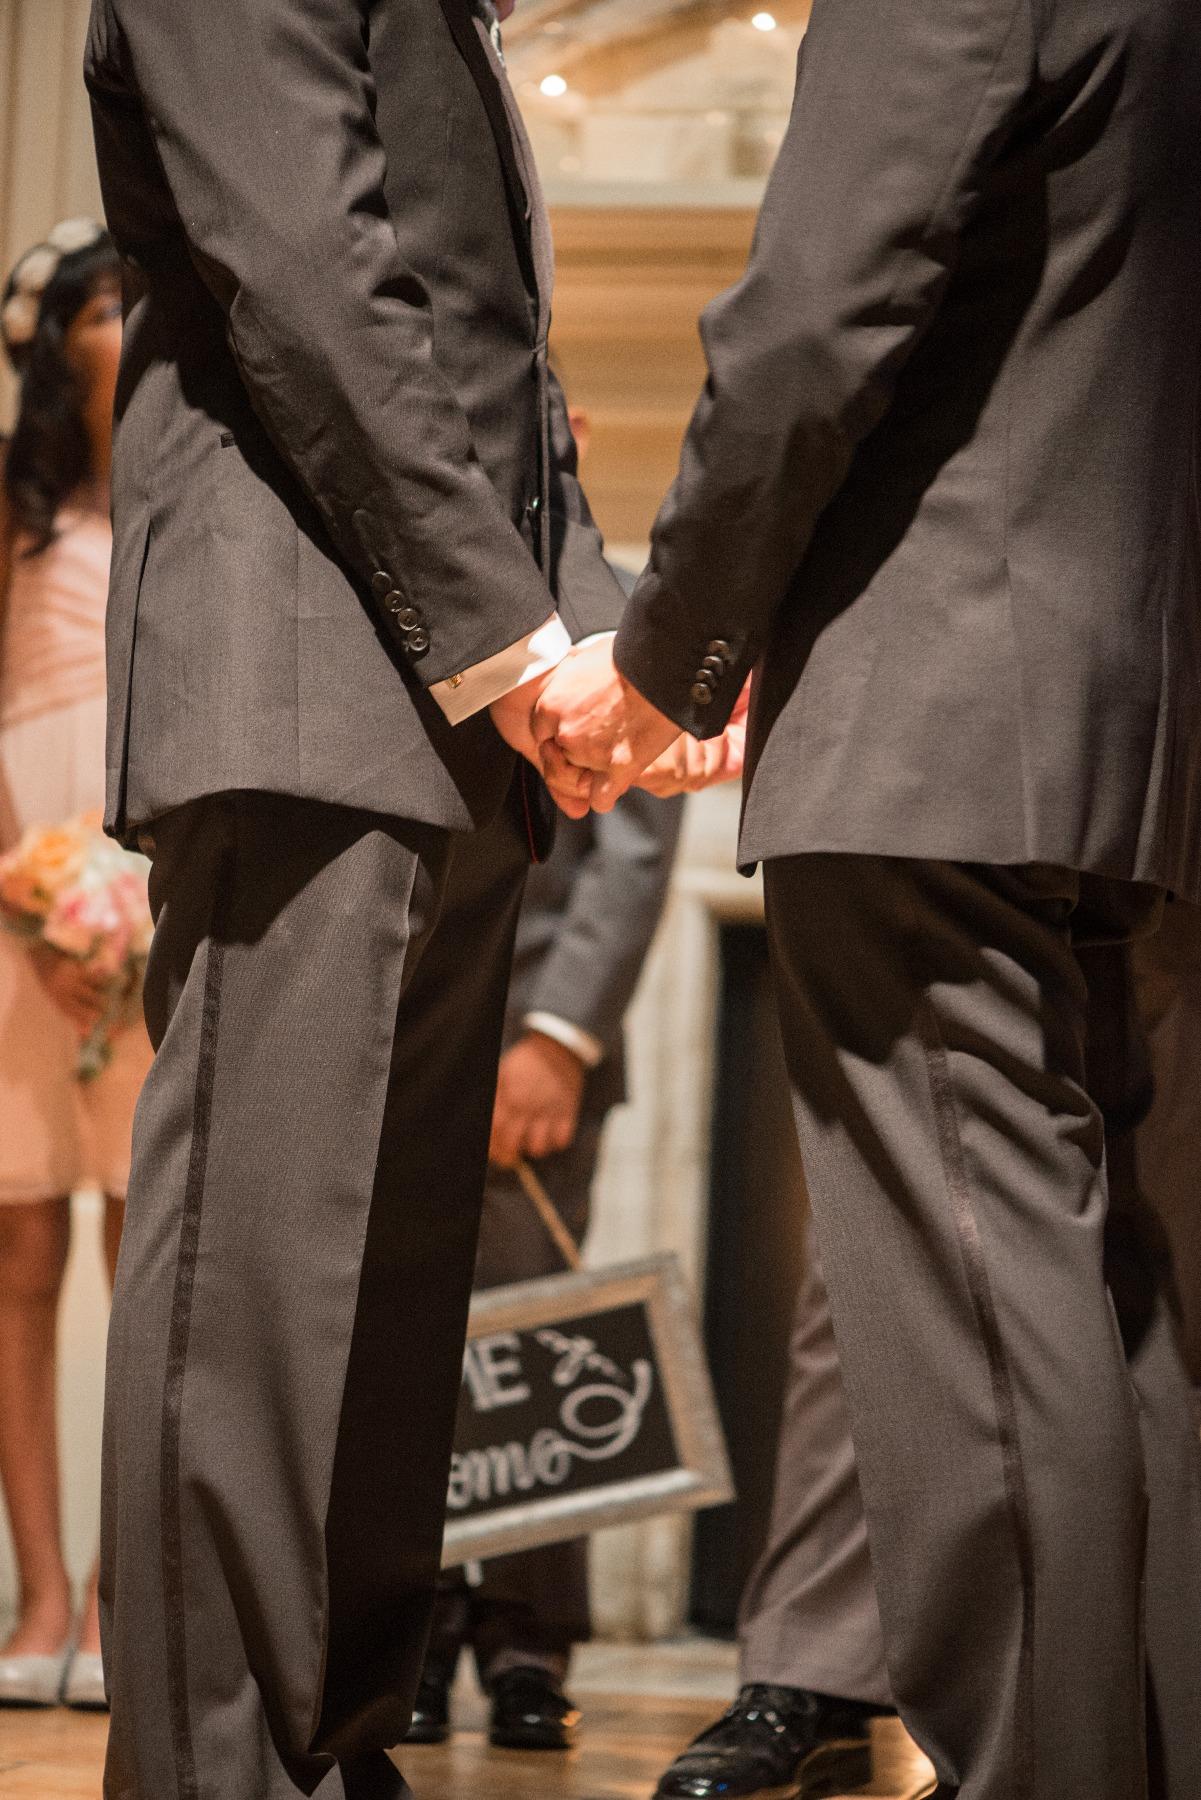 hugo and jimmy wedding 2014-10-05 27